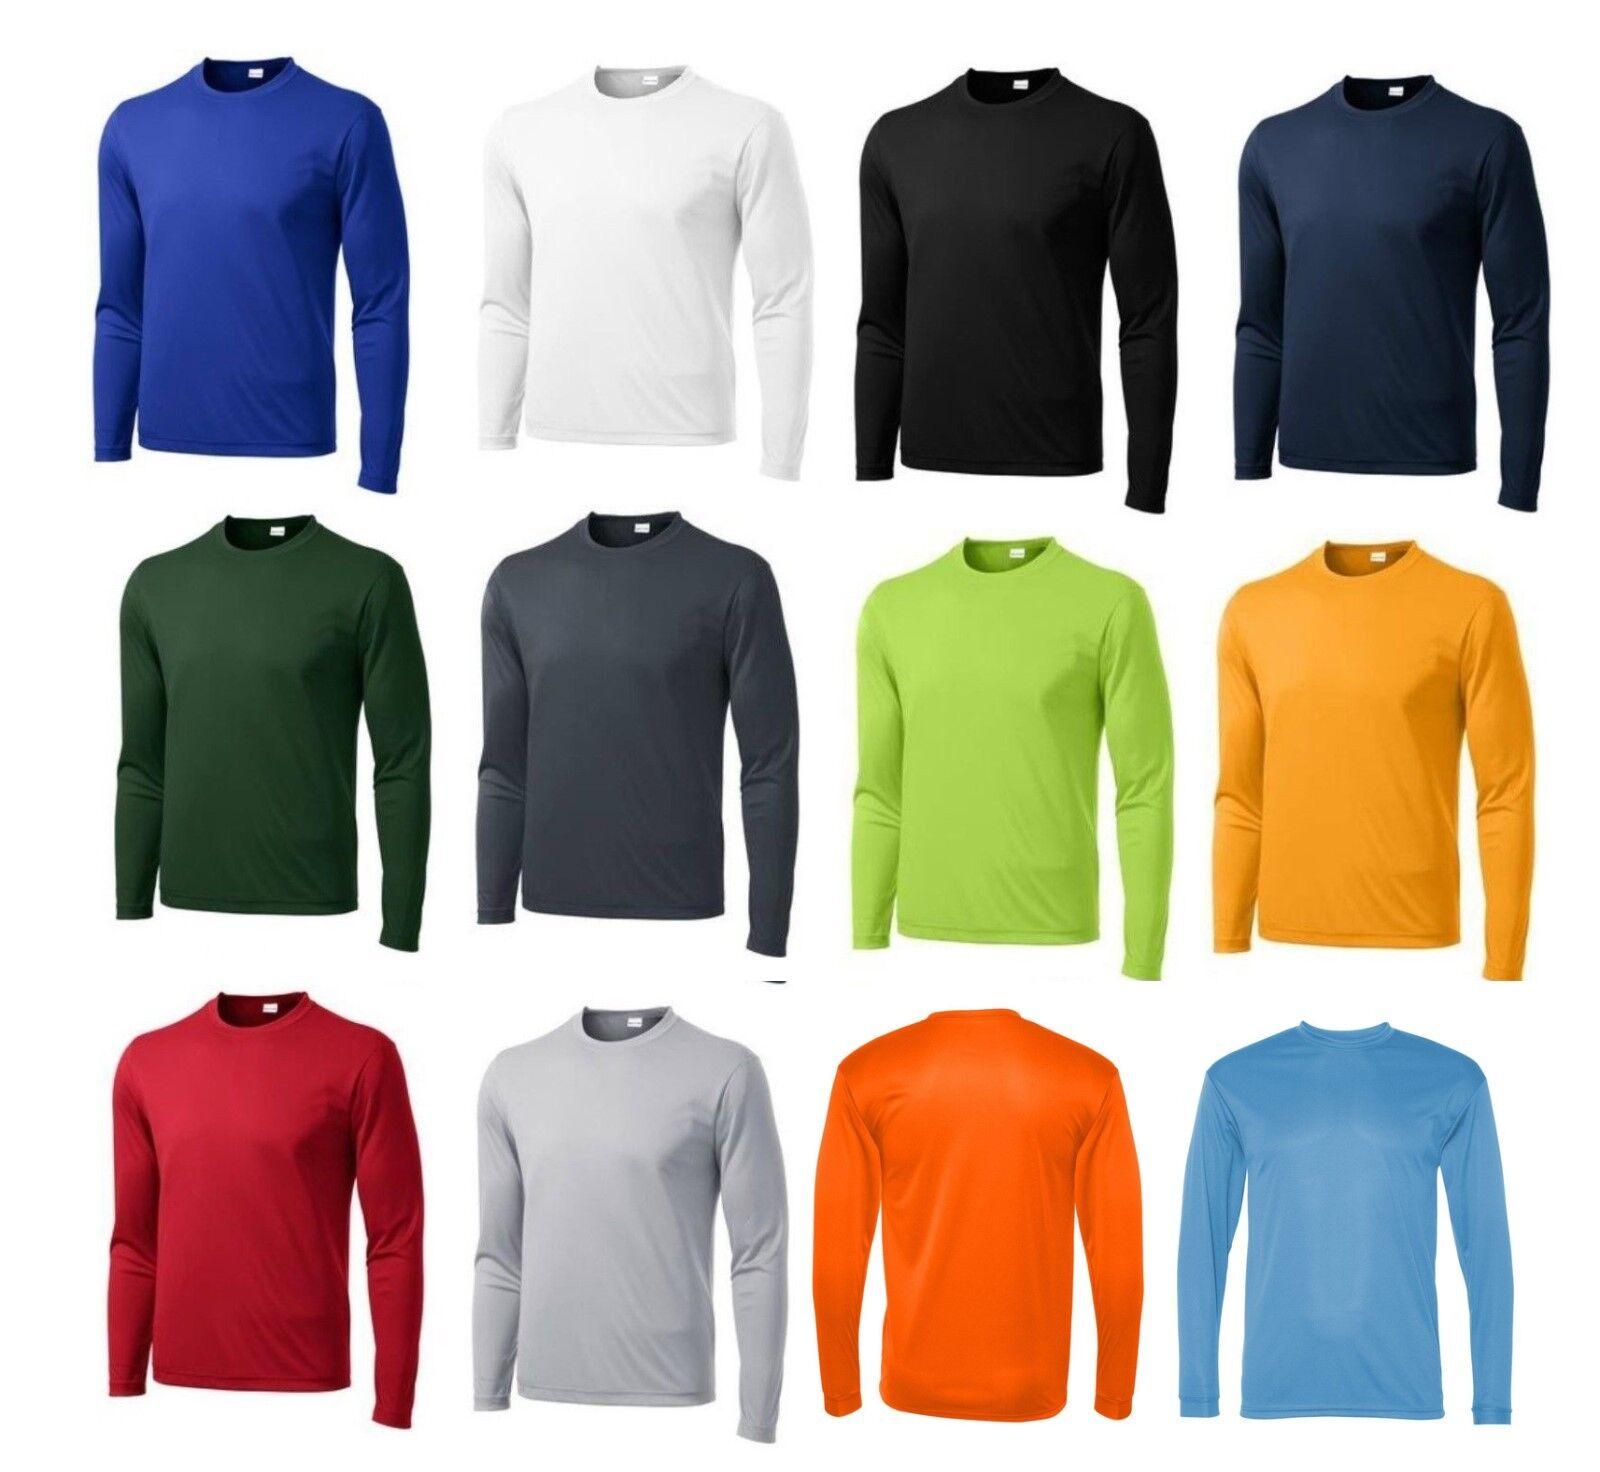 75f1ff9b59d MEN S MOISTURE WICKING Dri fit Long Sleeve SPORT-TEK T-shirt NEW XS-4XL  ST350LS